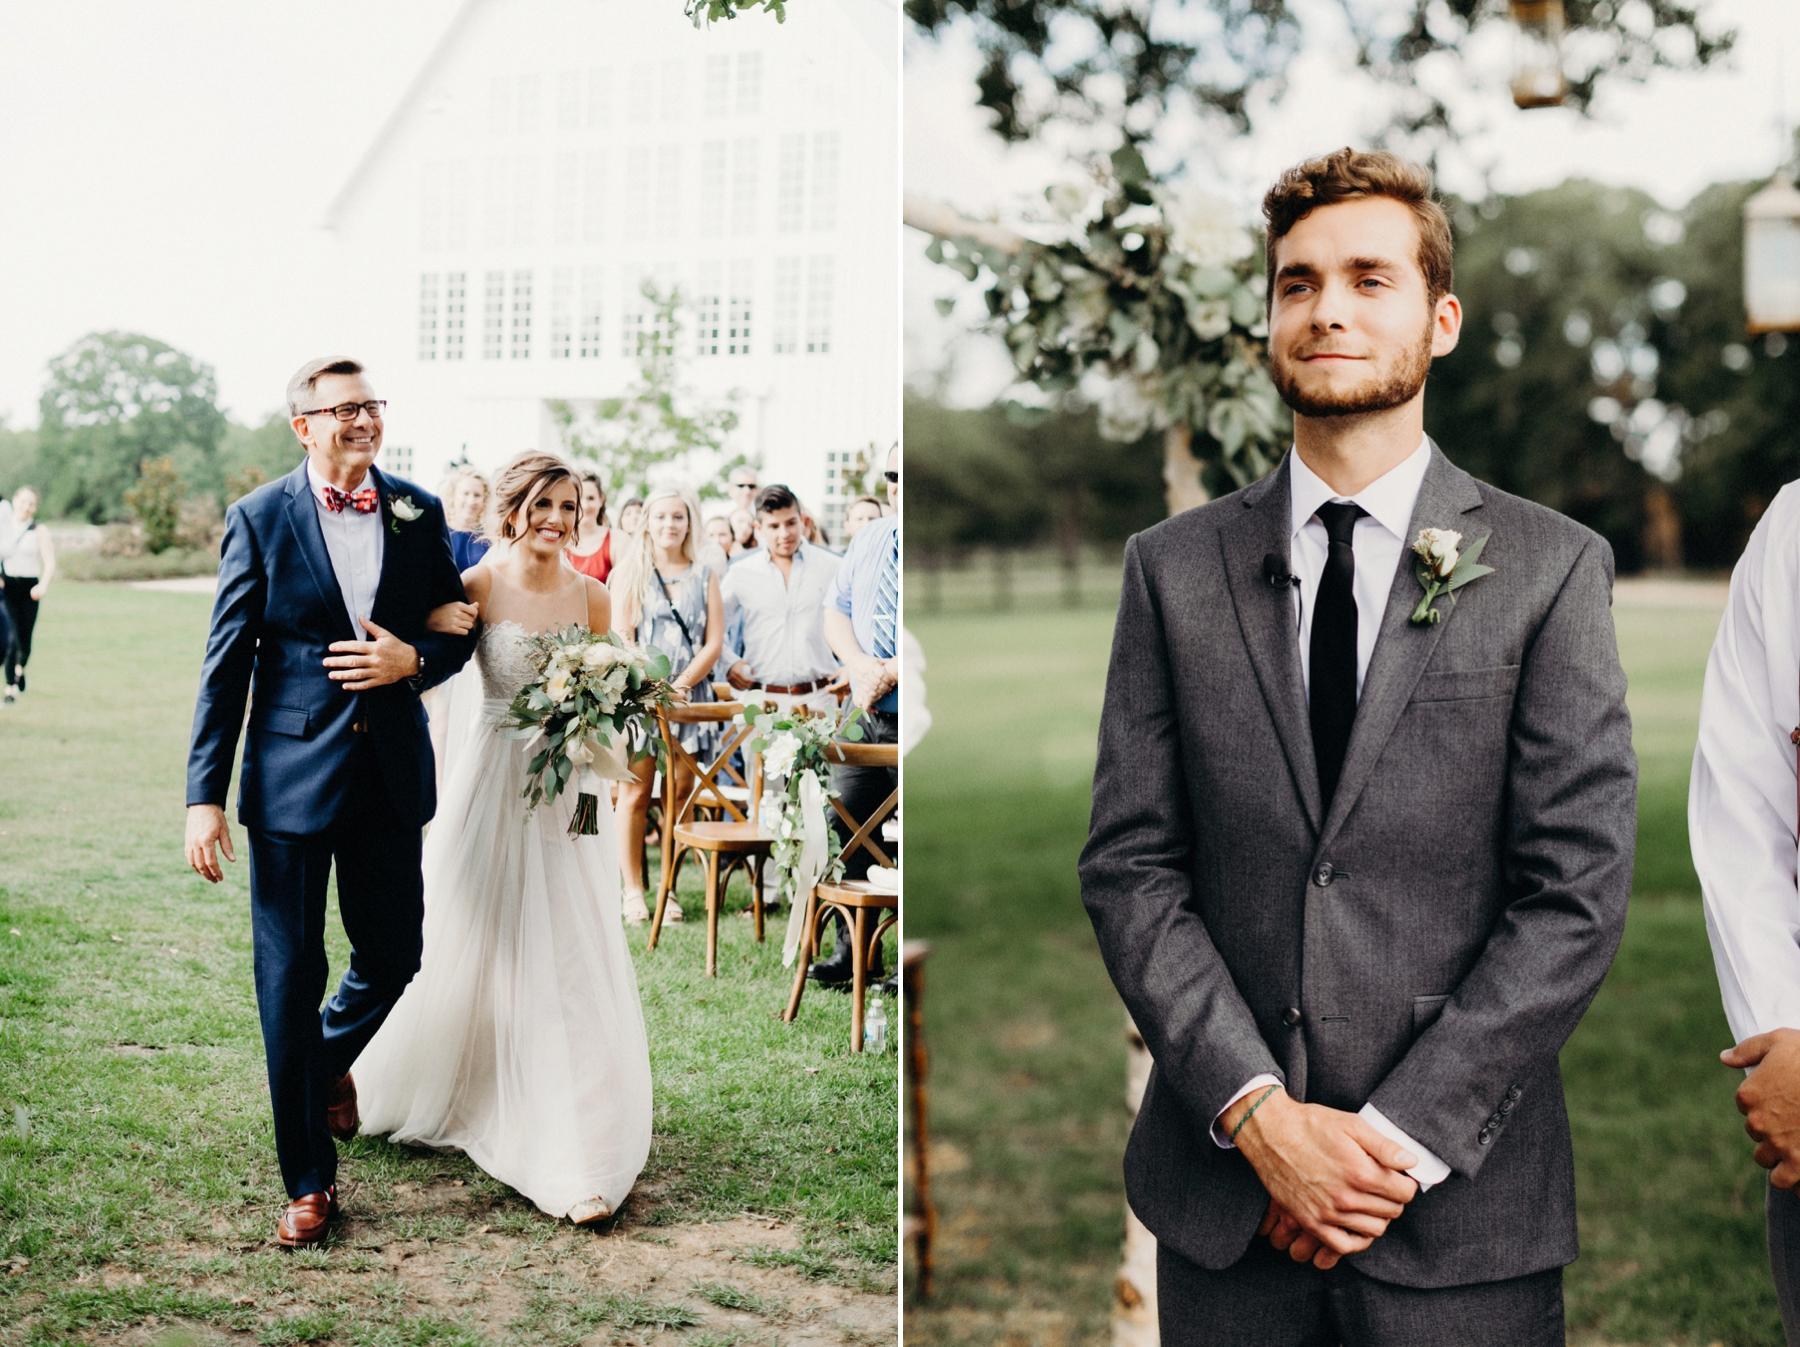 White-sparrow-wedding-dallas-texas